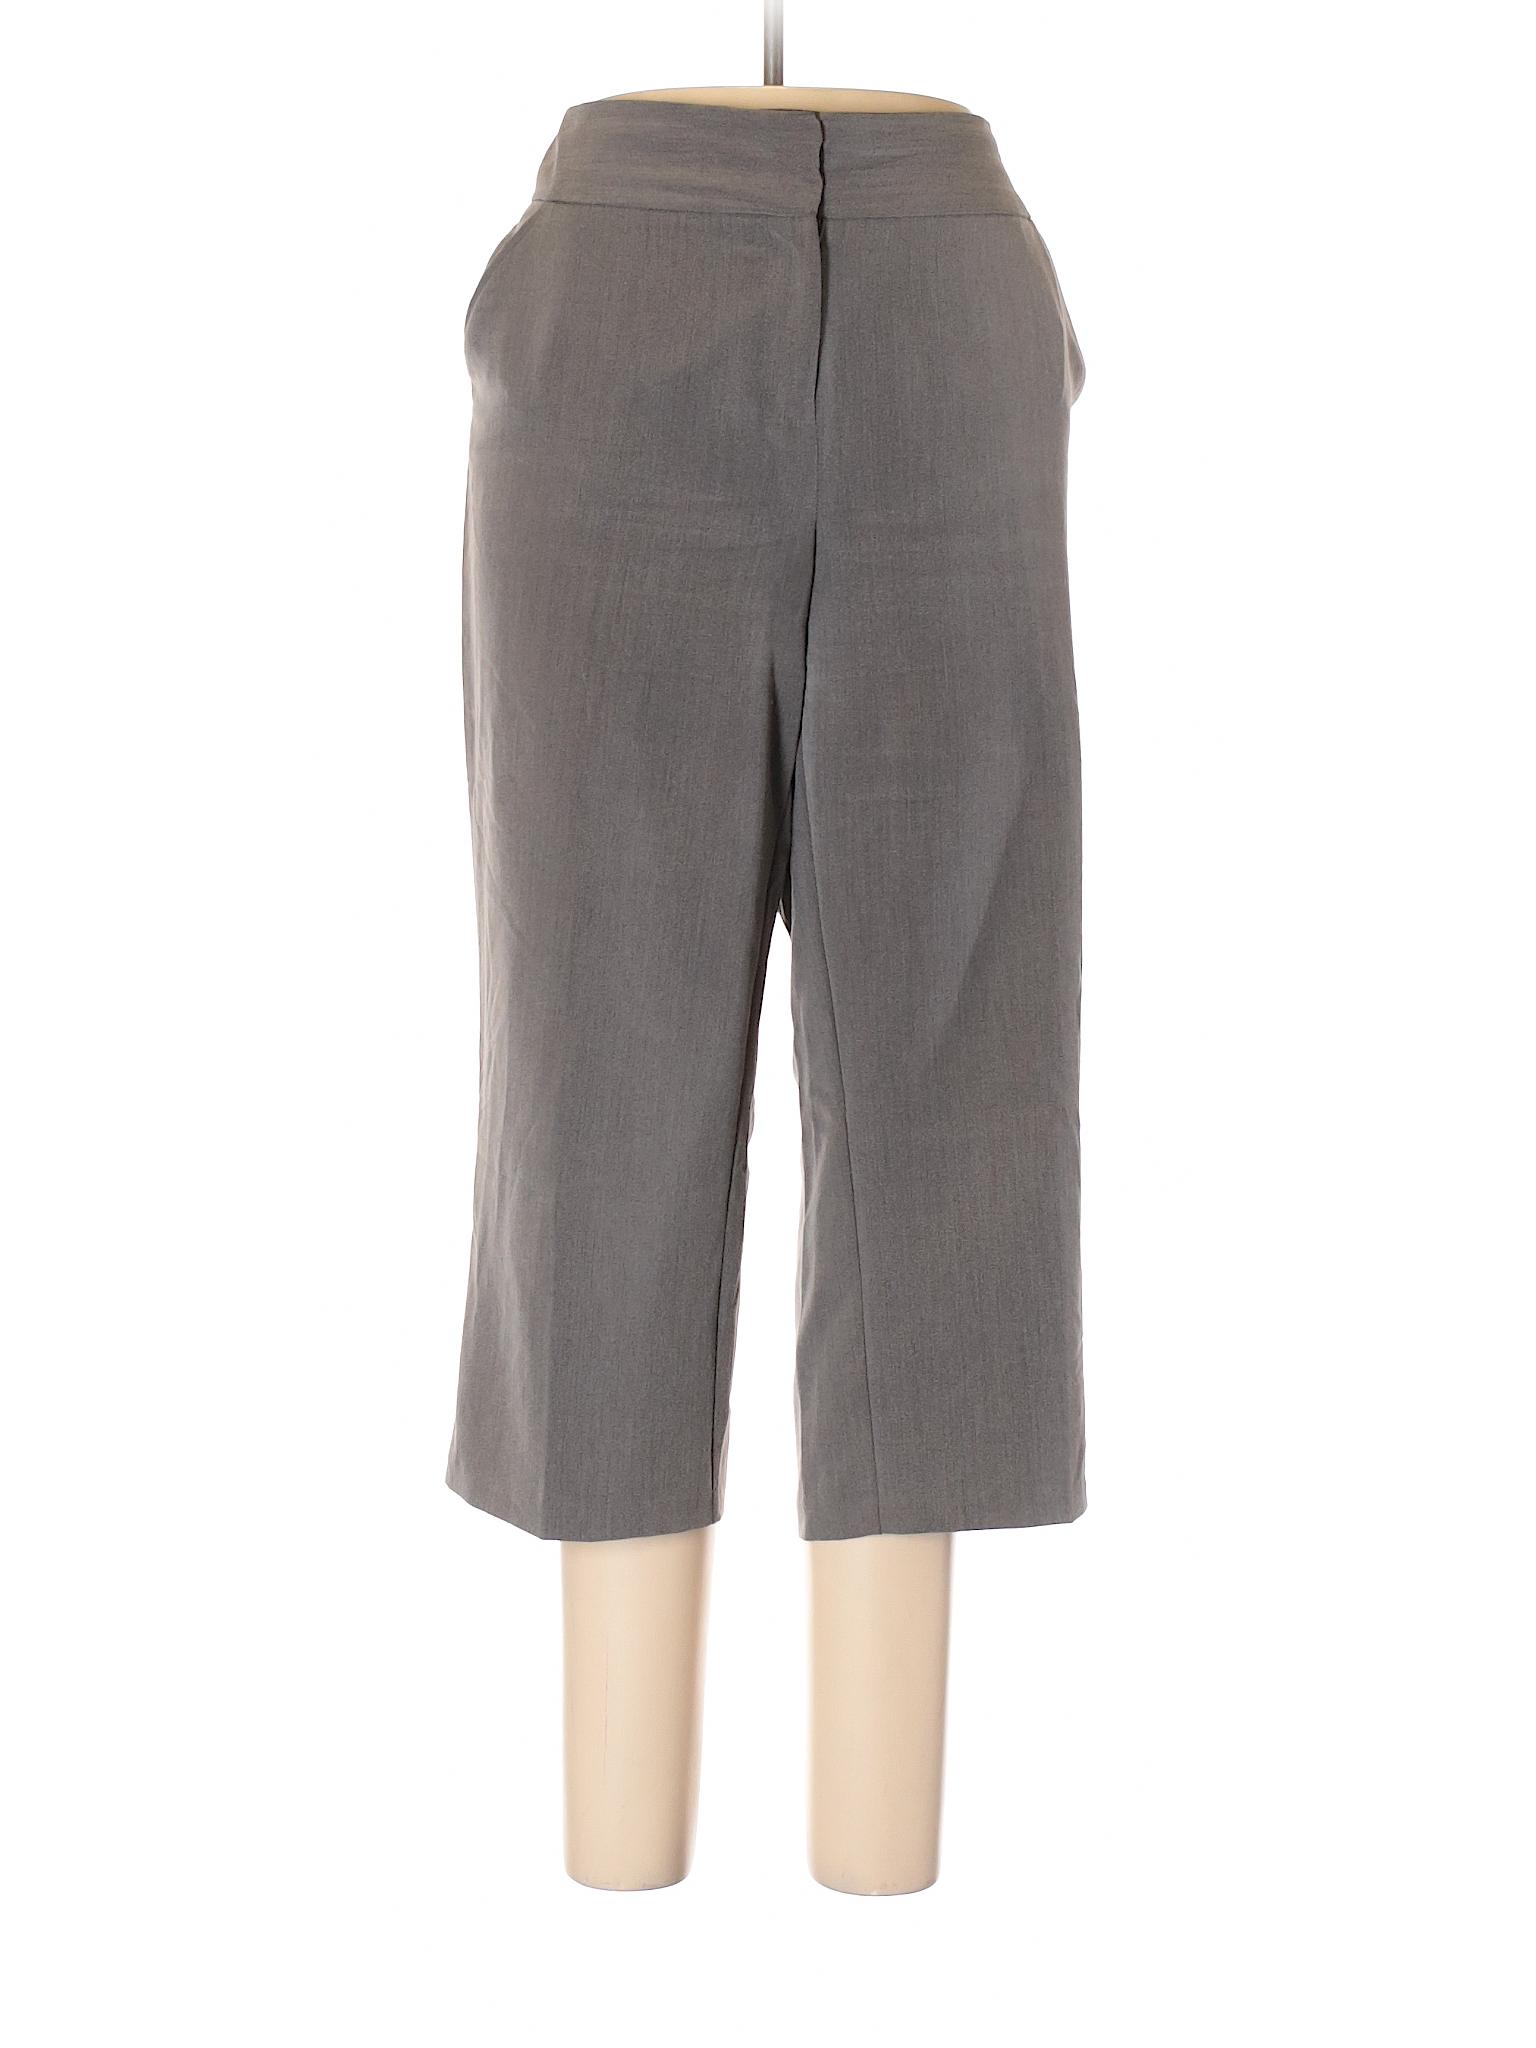 Nicole Boutique Dress Pants Boutique Nicole Miller q7vfOvnwa